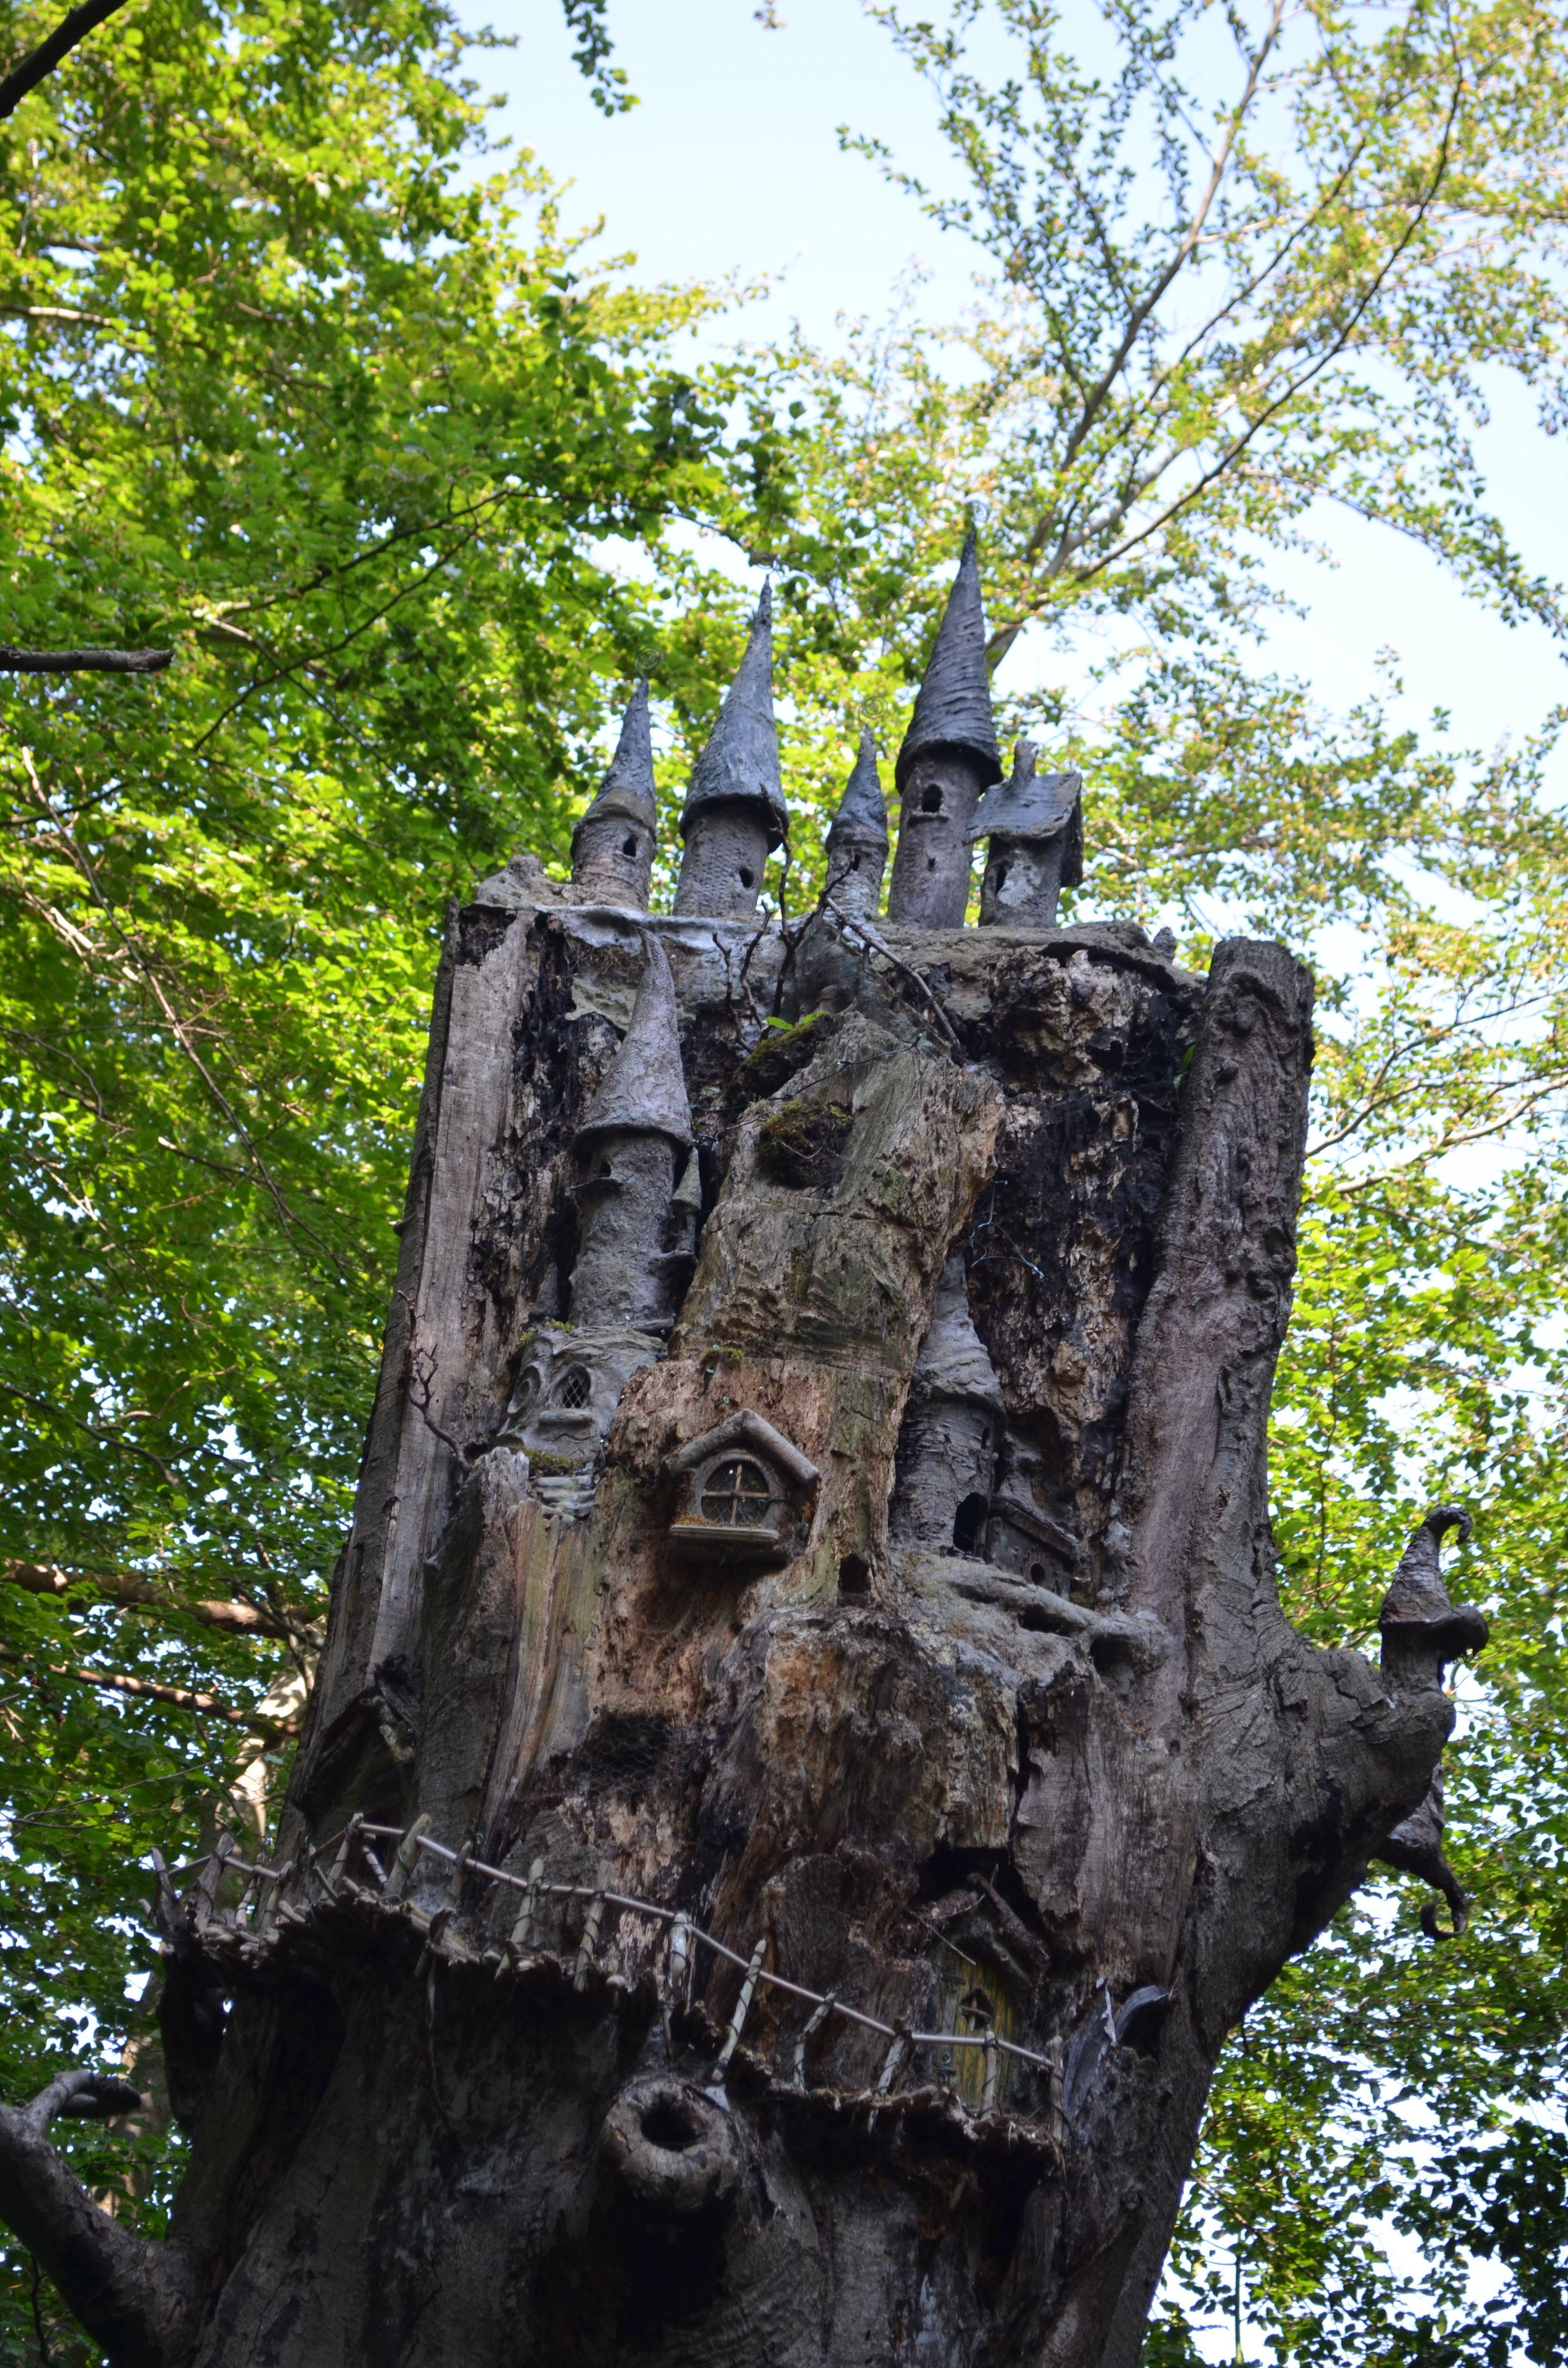 Tree stump fairy house - Dsc_0039